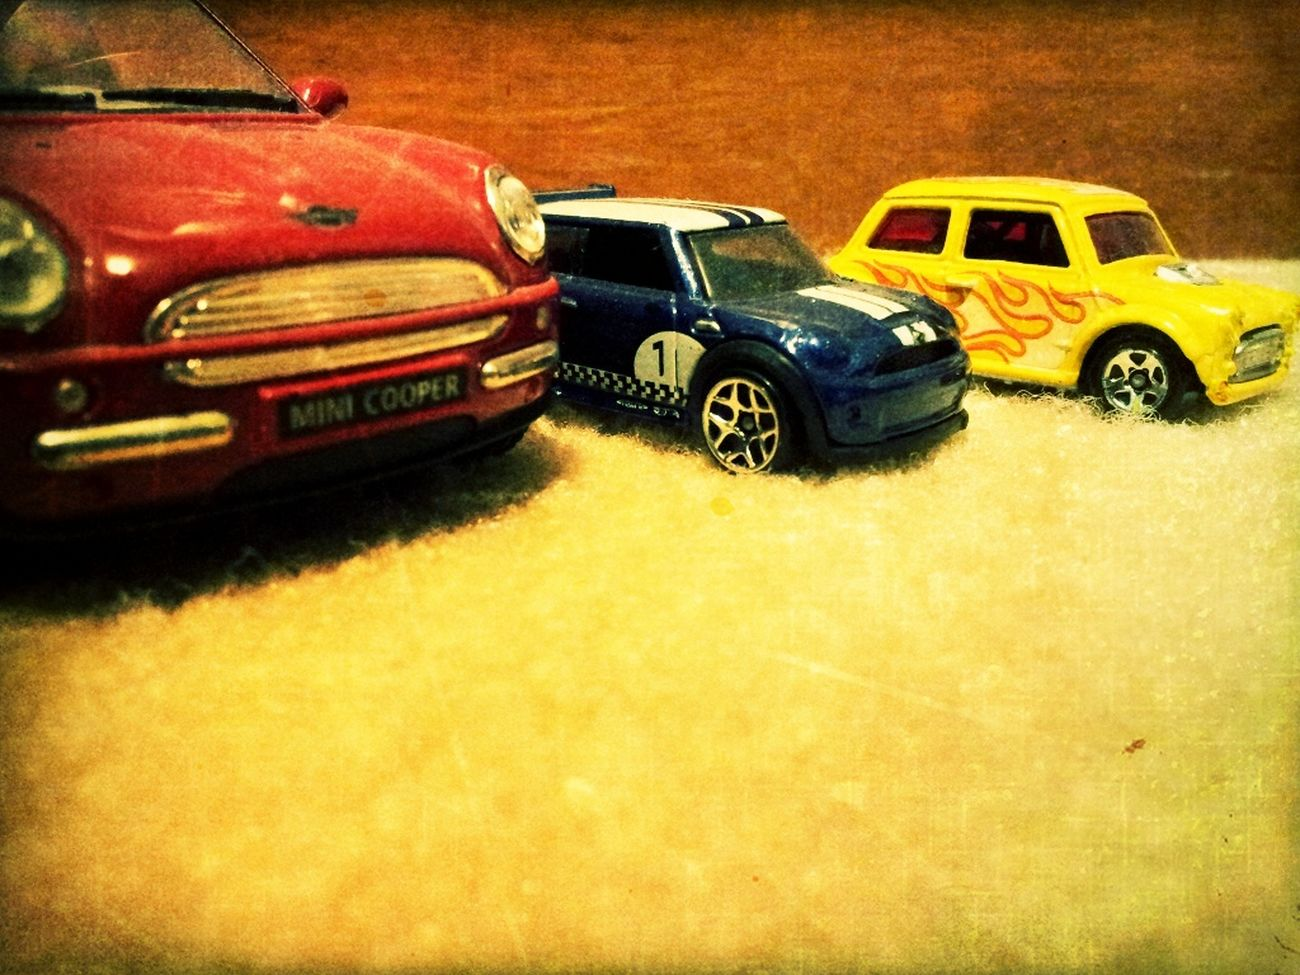 Toy Minis